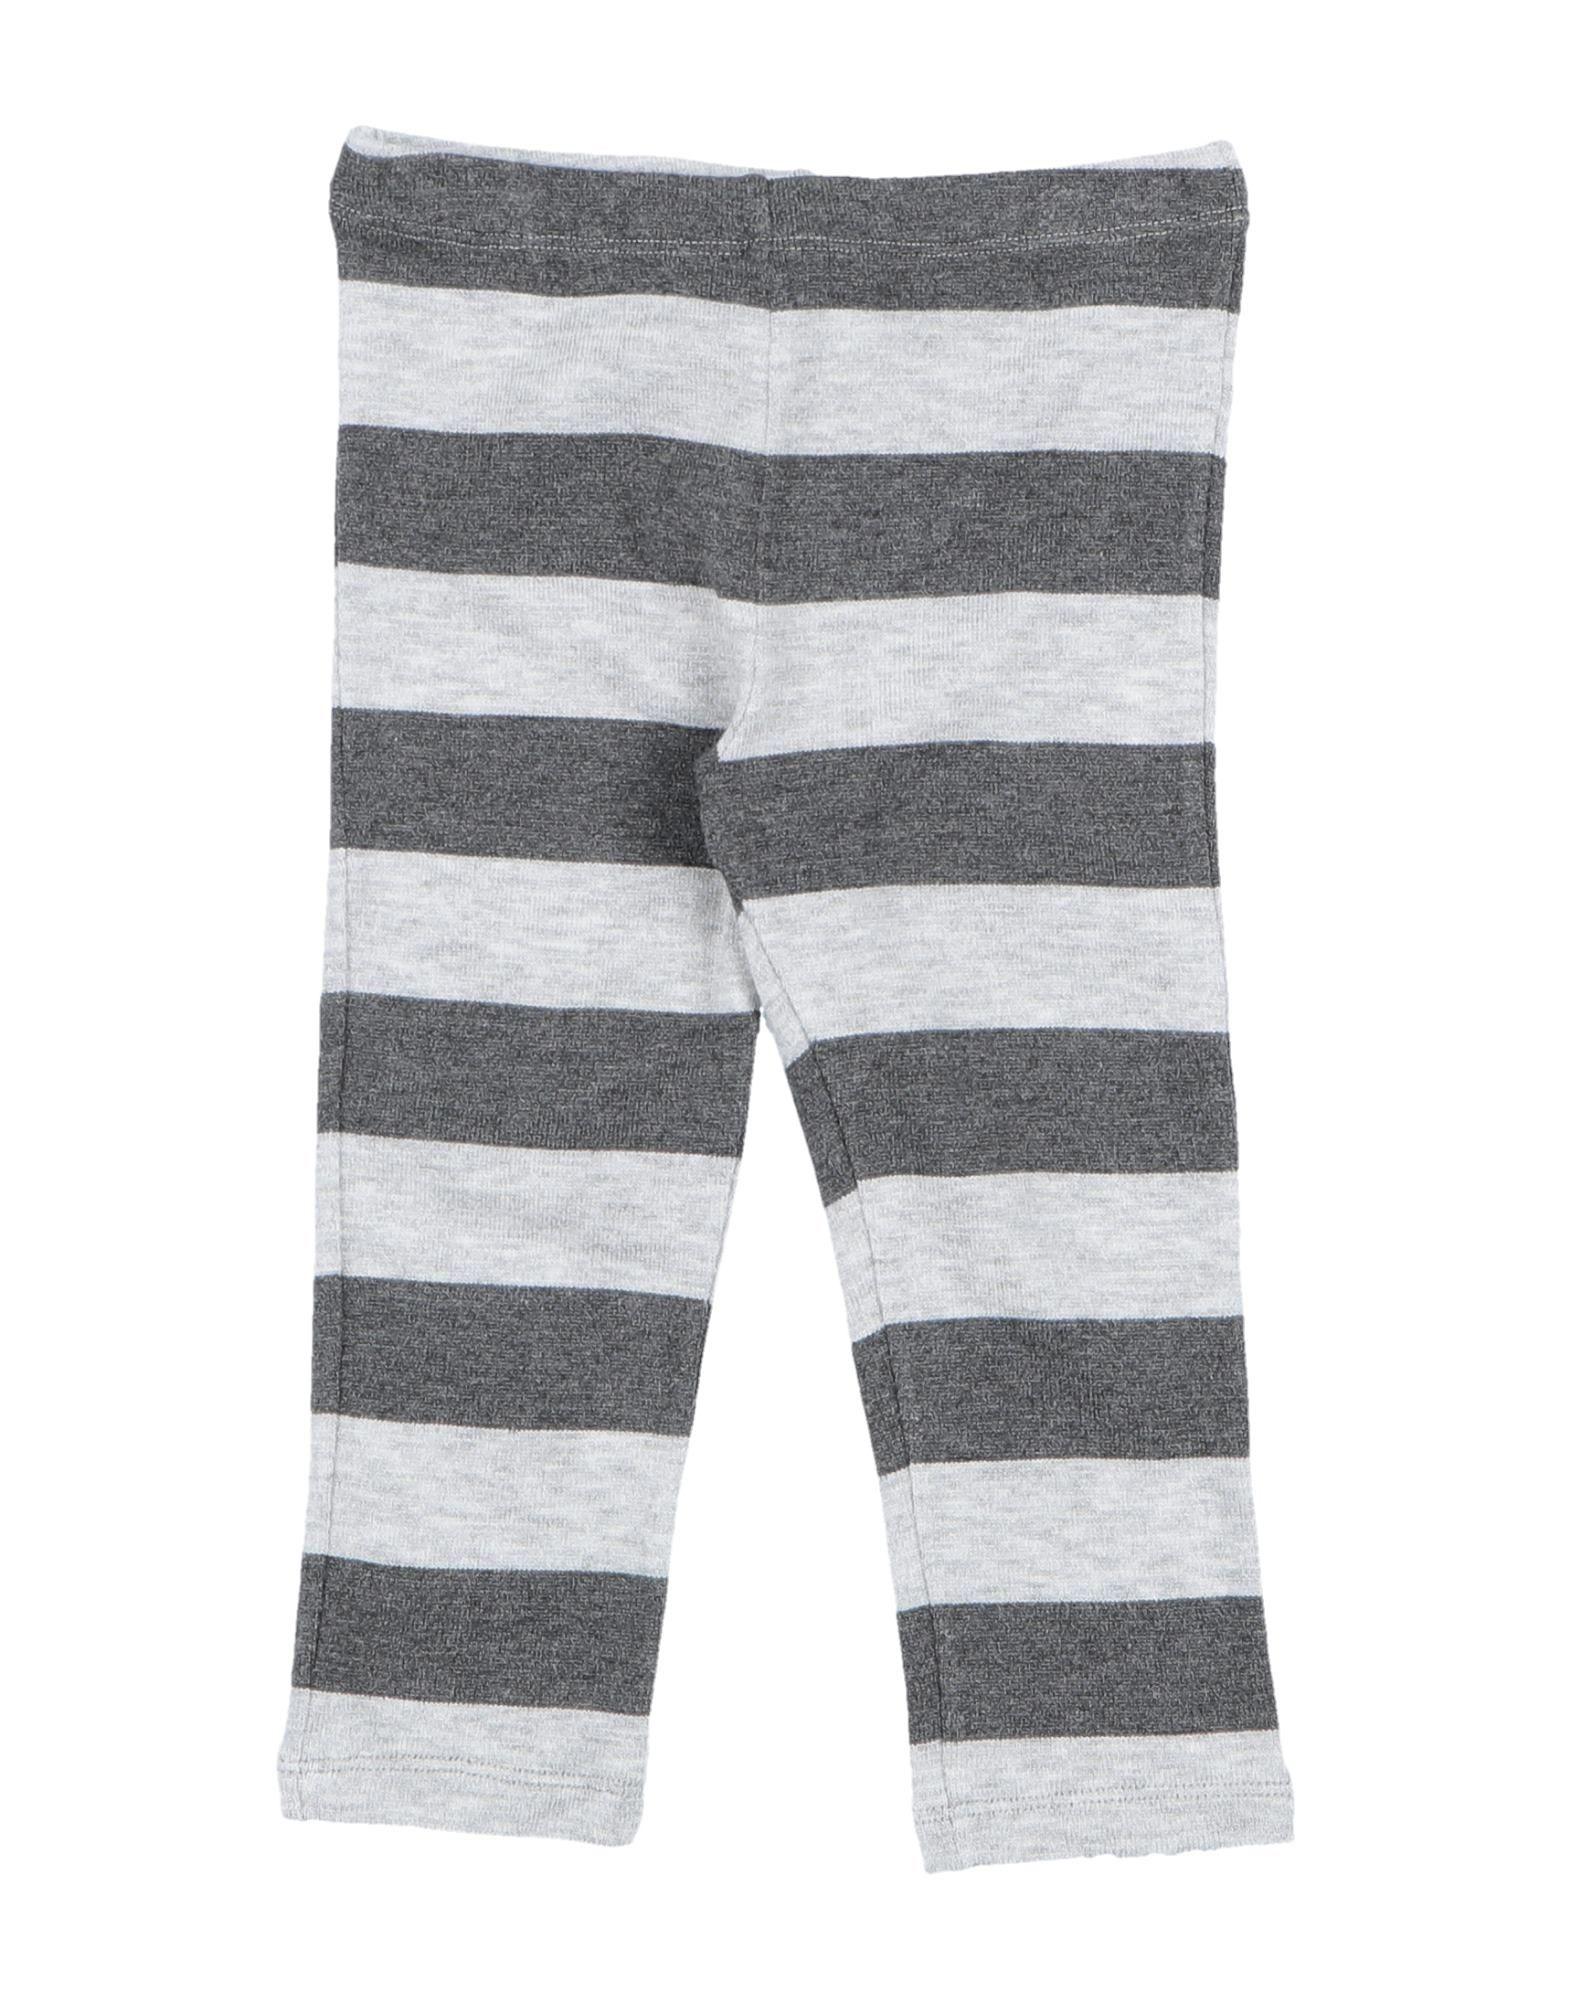 234a2adddf9 Κολάν Kορίτσι Il Gufo 0-24 μηνών - Παιδικά ρούχα στο YOOX